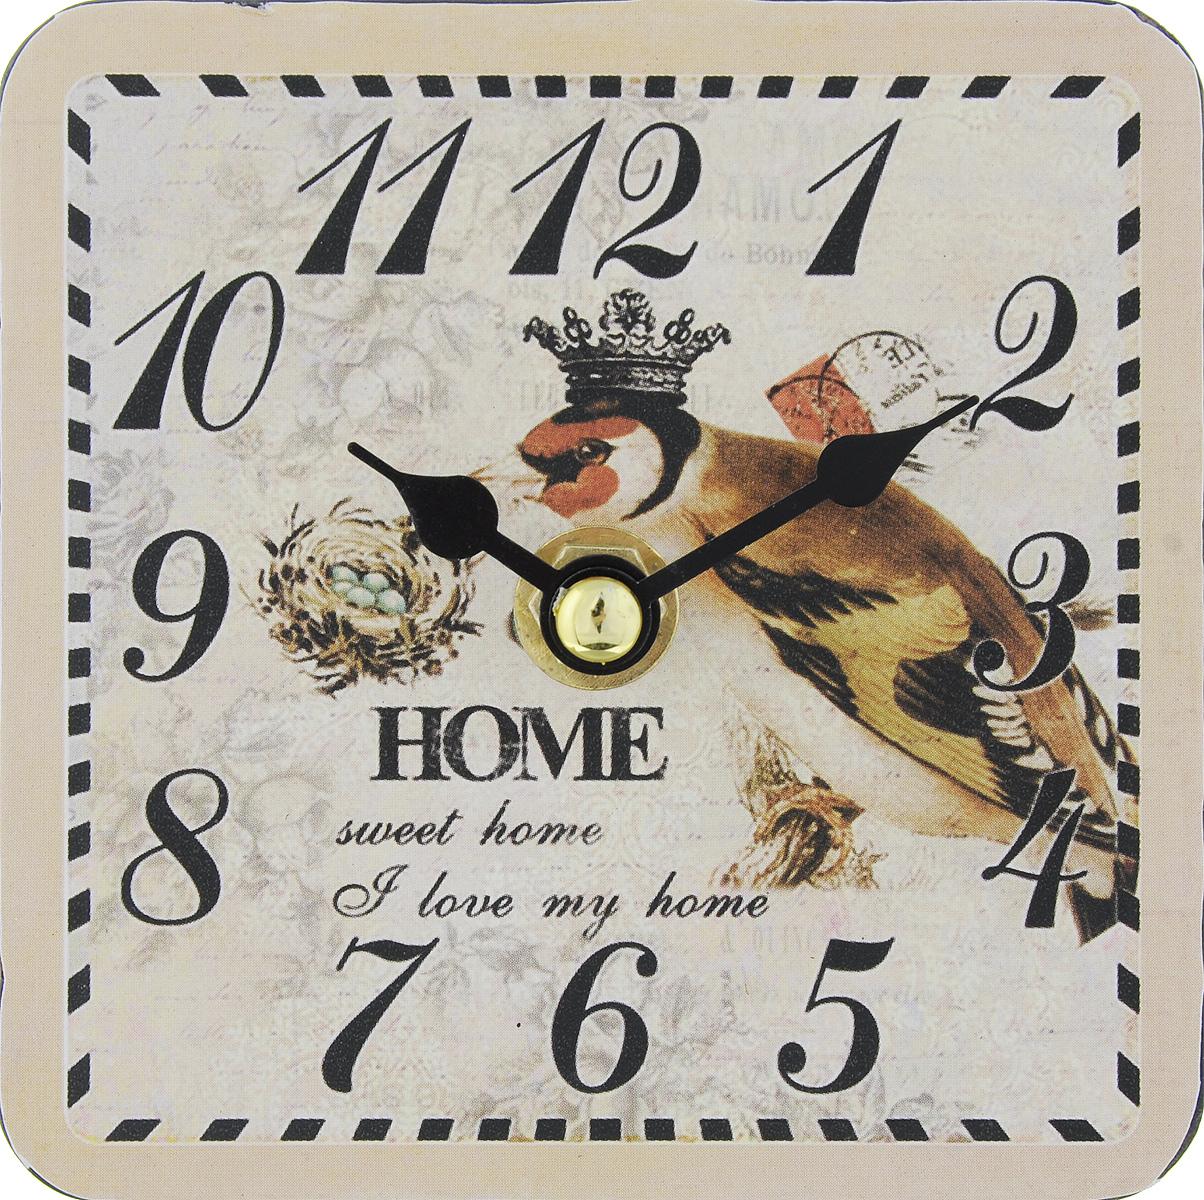 Часы настольные Феникс-Презент Король птиц, 10 х 10 см40732Настольные часы квадратной формы Феникс-Презент Король птиц своим эксклюзивным дизайном подчеркнут оригинальность интерьера вашего дома. Циферблат оформлен изображением птицы. Часы выполнены из МДФ. МДФ (мелкодисперсные фракции) представляет собой плиту из запрессованной вакуумным способом деревянной пыли и является наиболее экологически чистым материалом среди себе подобных. Часы имеют две стрелки - часовую и минутную. Настольные часы Феникс-Презент Король птиц подходят для кухни, гостиной, прихожей или дачи, а также могут стать отличным подарком для друзей и близких. ВНИМАНИЕ!!! Часы работают от сменной батареи типа АА 1,5V (в комплект не входит).